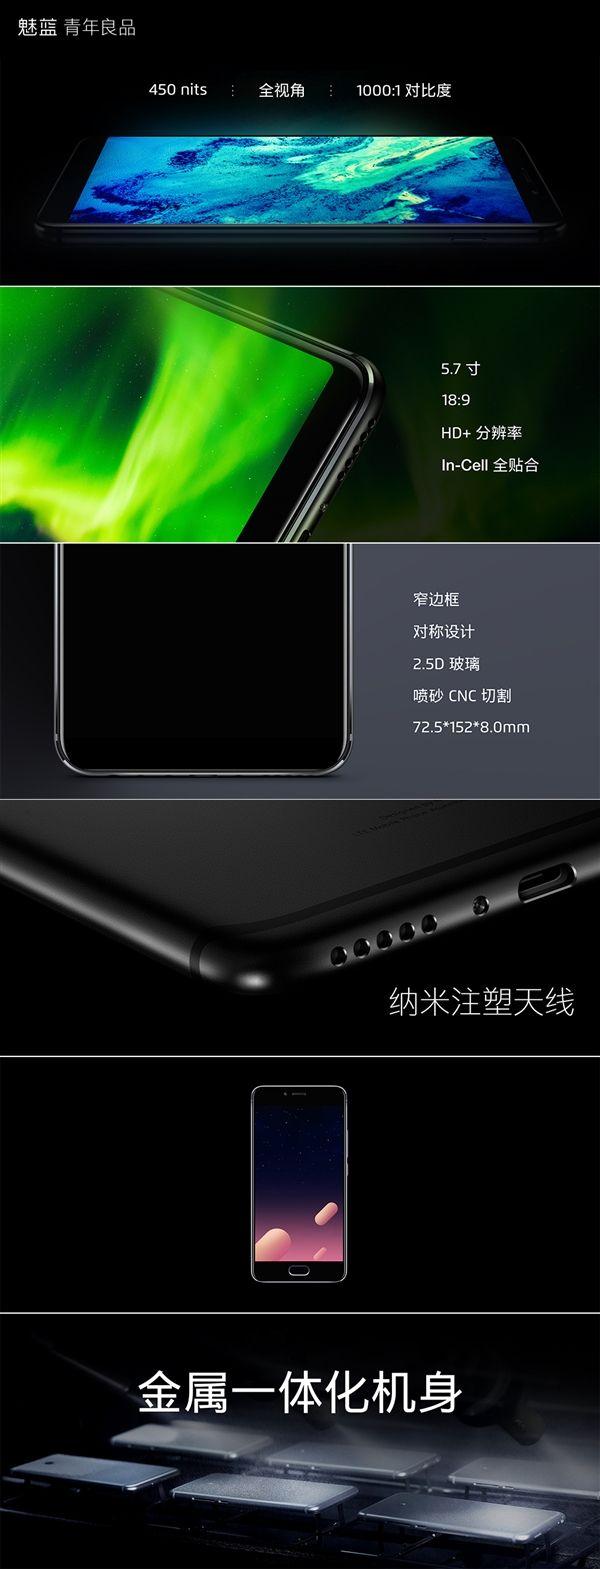 Анонс Meizu M6s: тонкие рамки, чип Exynos и хорошая цена – фото 16